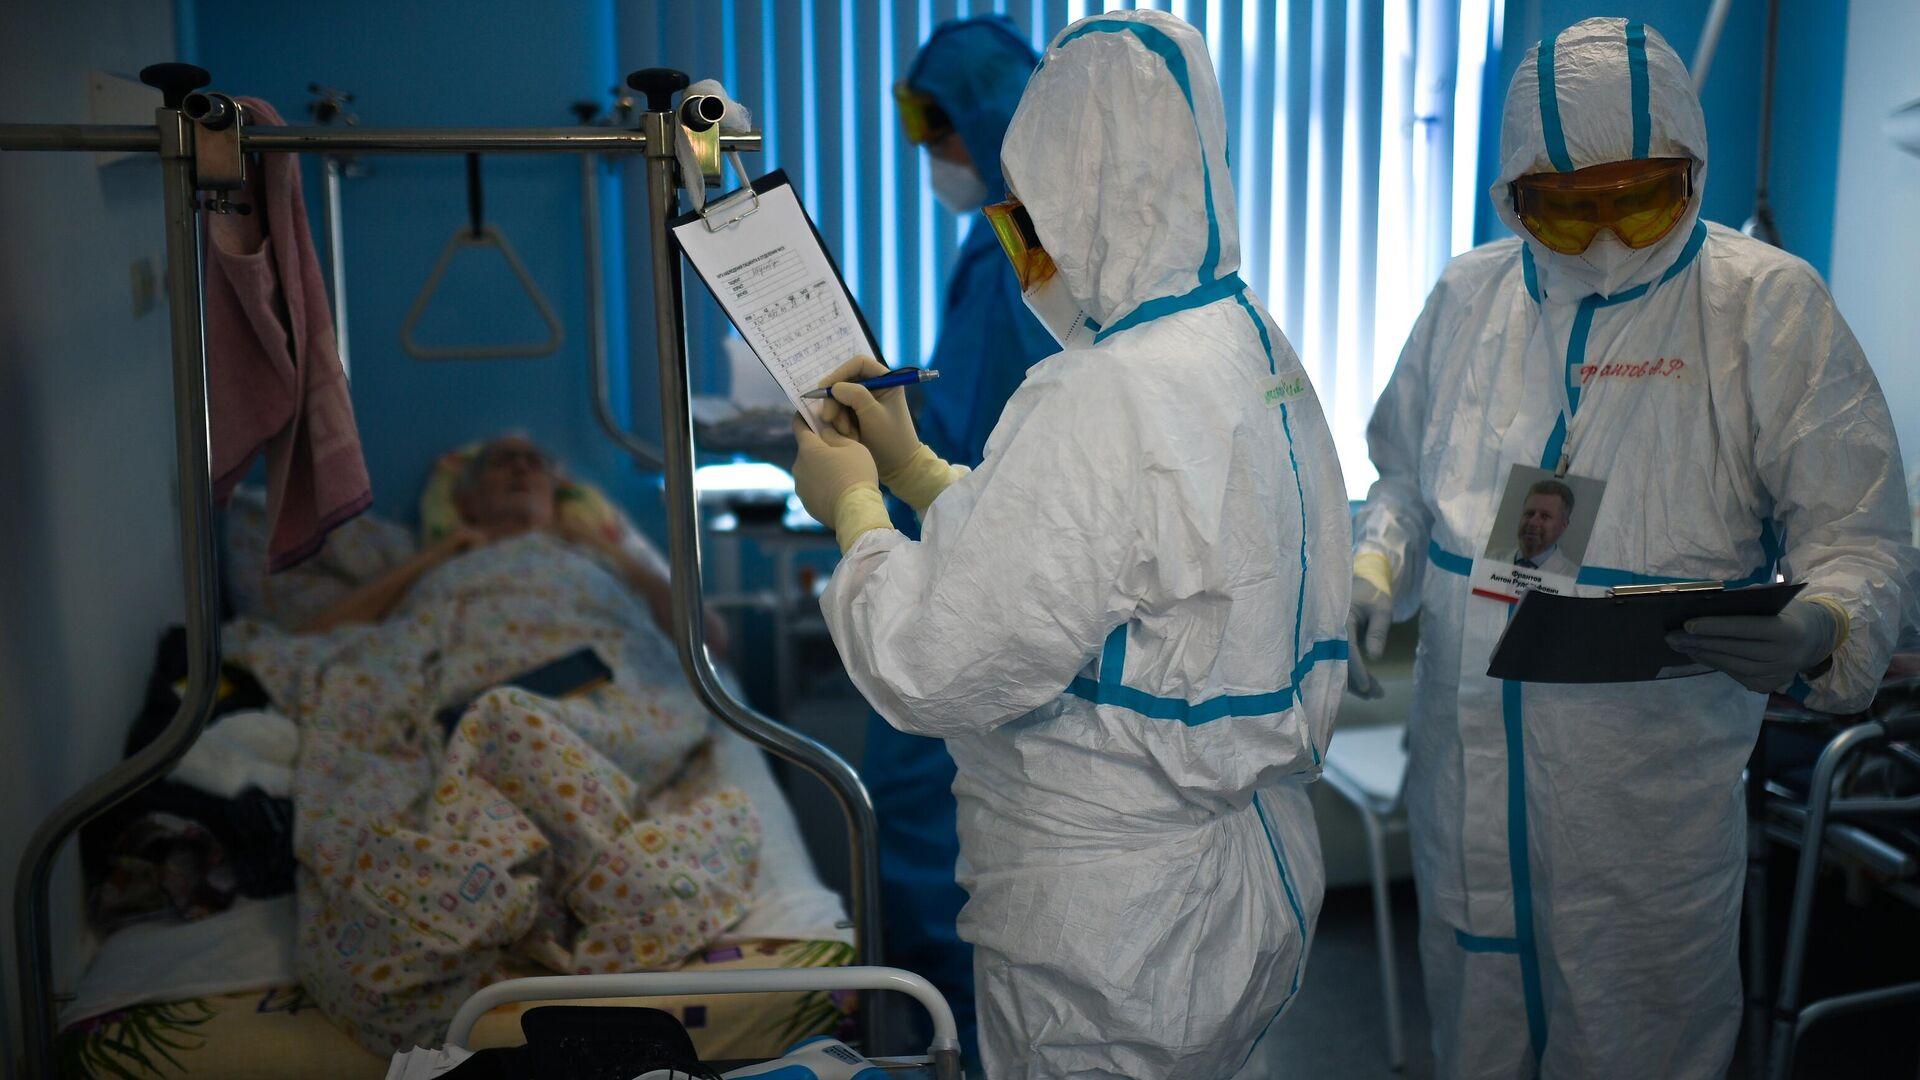 1573498742 0:158:3082:1892 1920x0 80 0 0 8787920a44b19136c0cd4a153ed581d0 - В России выявили 7523 новых случая коронавируса